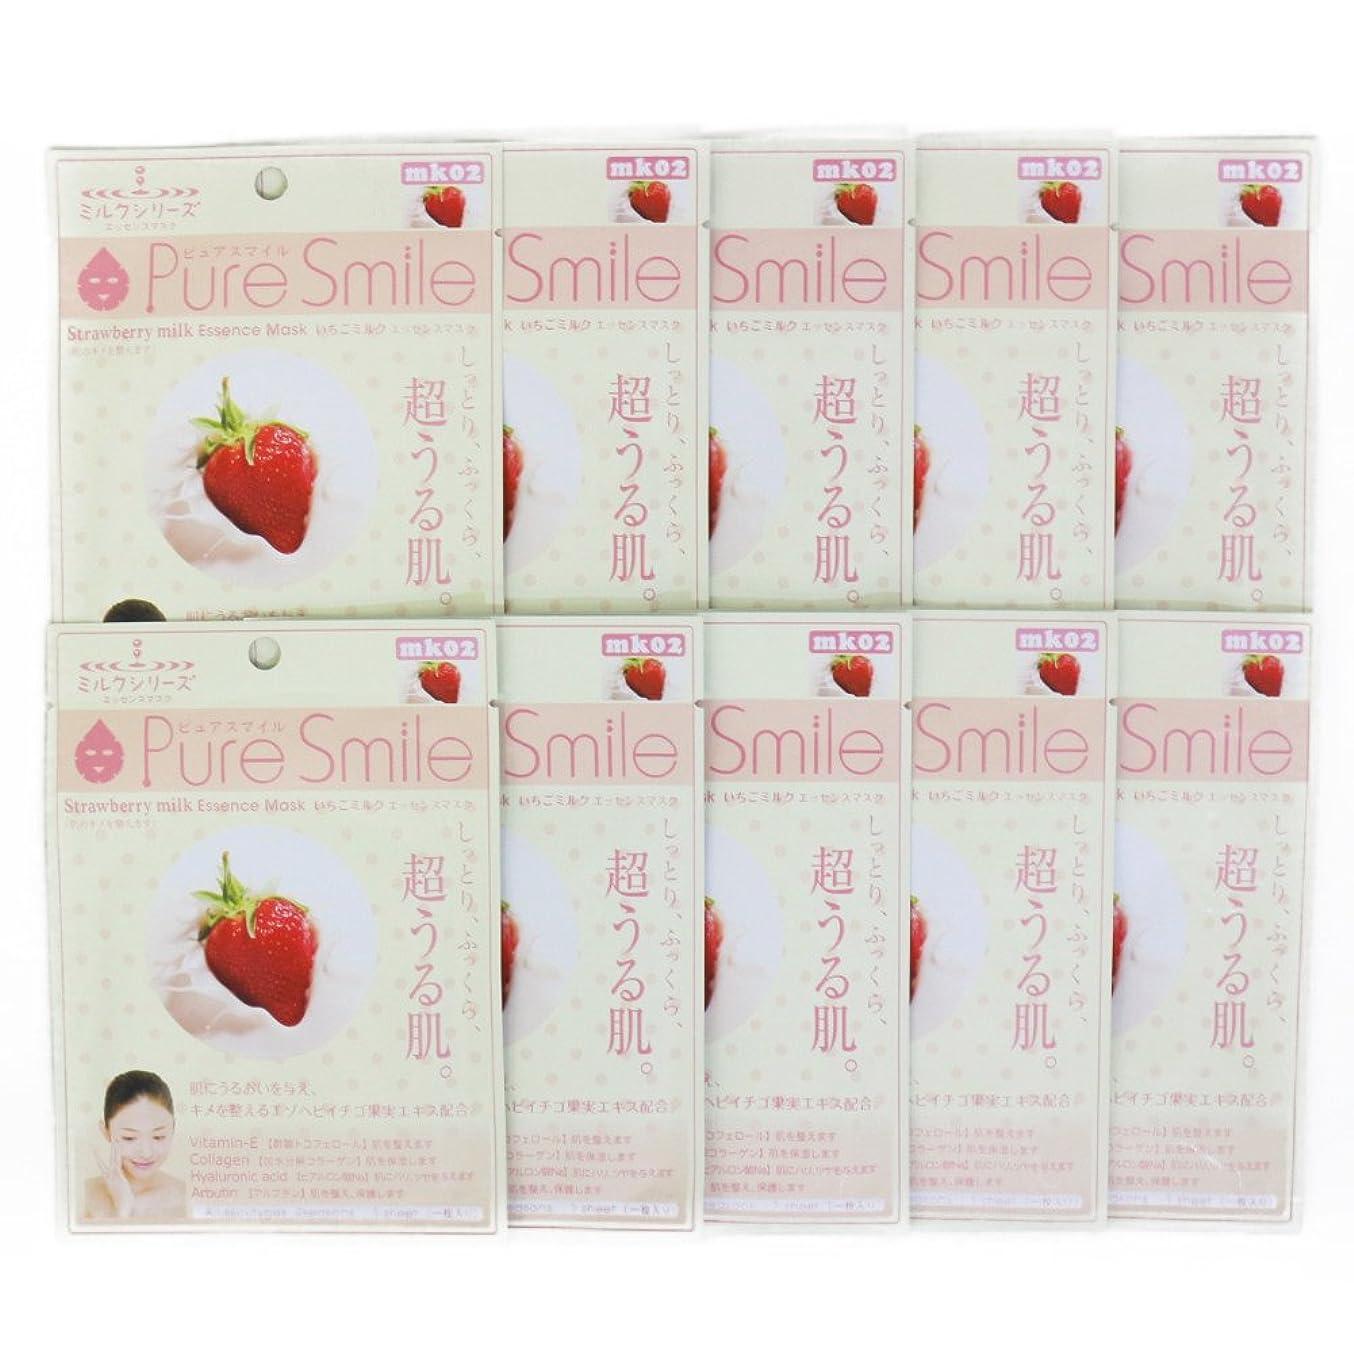 一瞬高尚な枯渇するPure Smile ピュアスマイル ミルクエッセンスマスク イチゴミルク 10枚セット